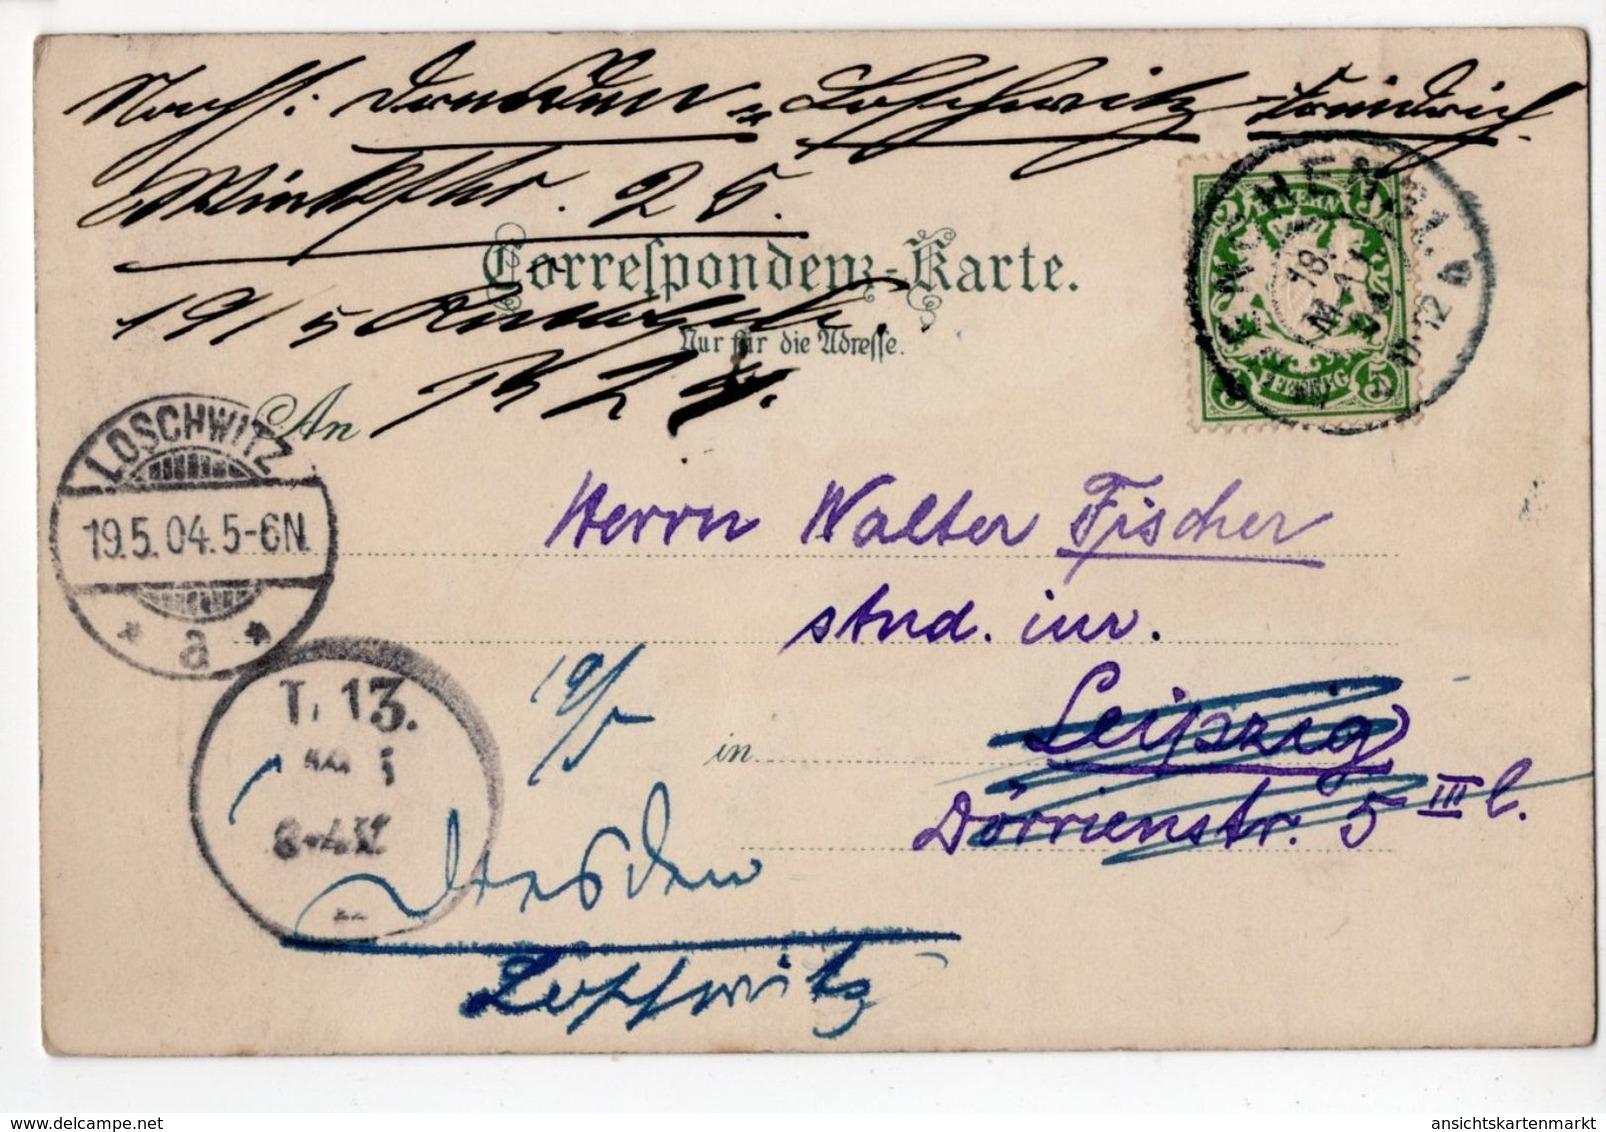 Tiers Mit Dem Rosengarten, Künstler Postkarte Nach M. Zena Diemer 1904, Tires Italia - Bolzano (Bozen)